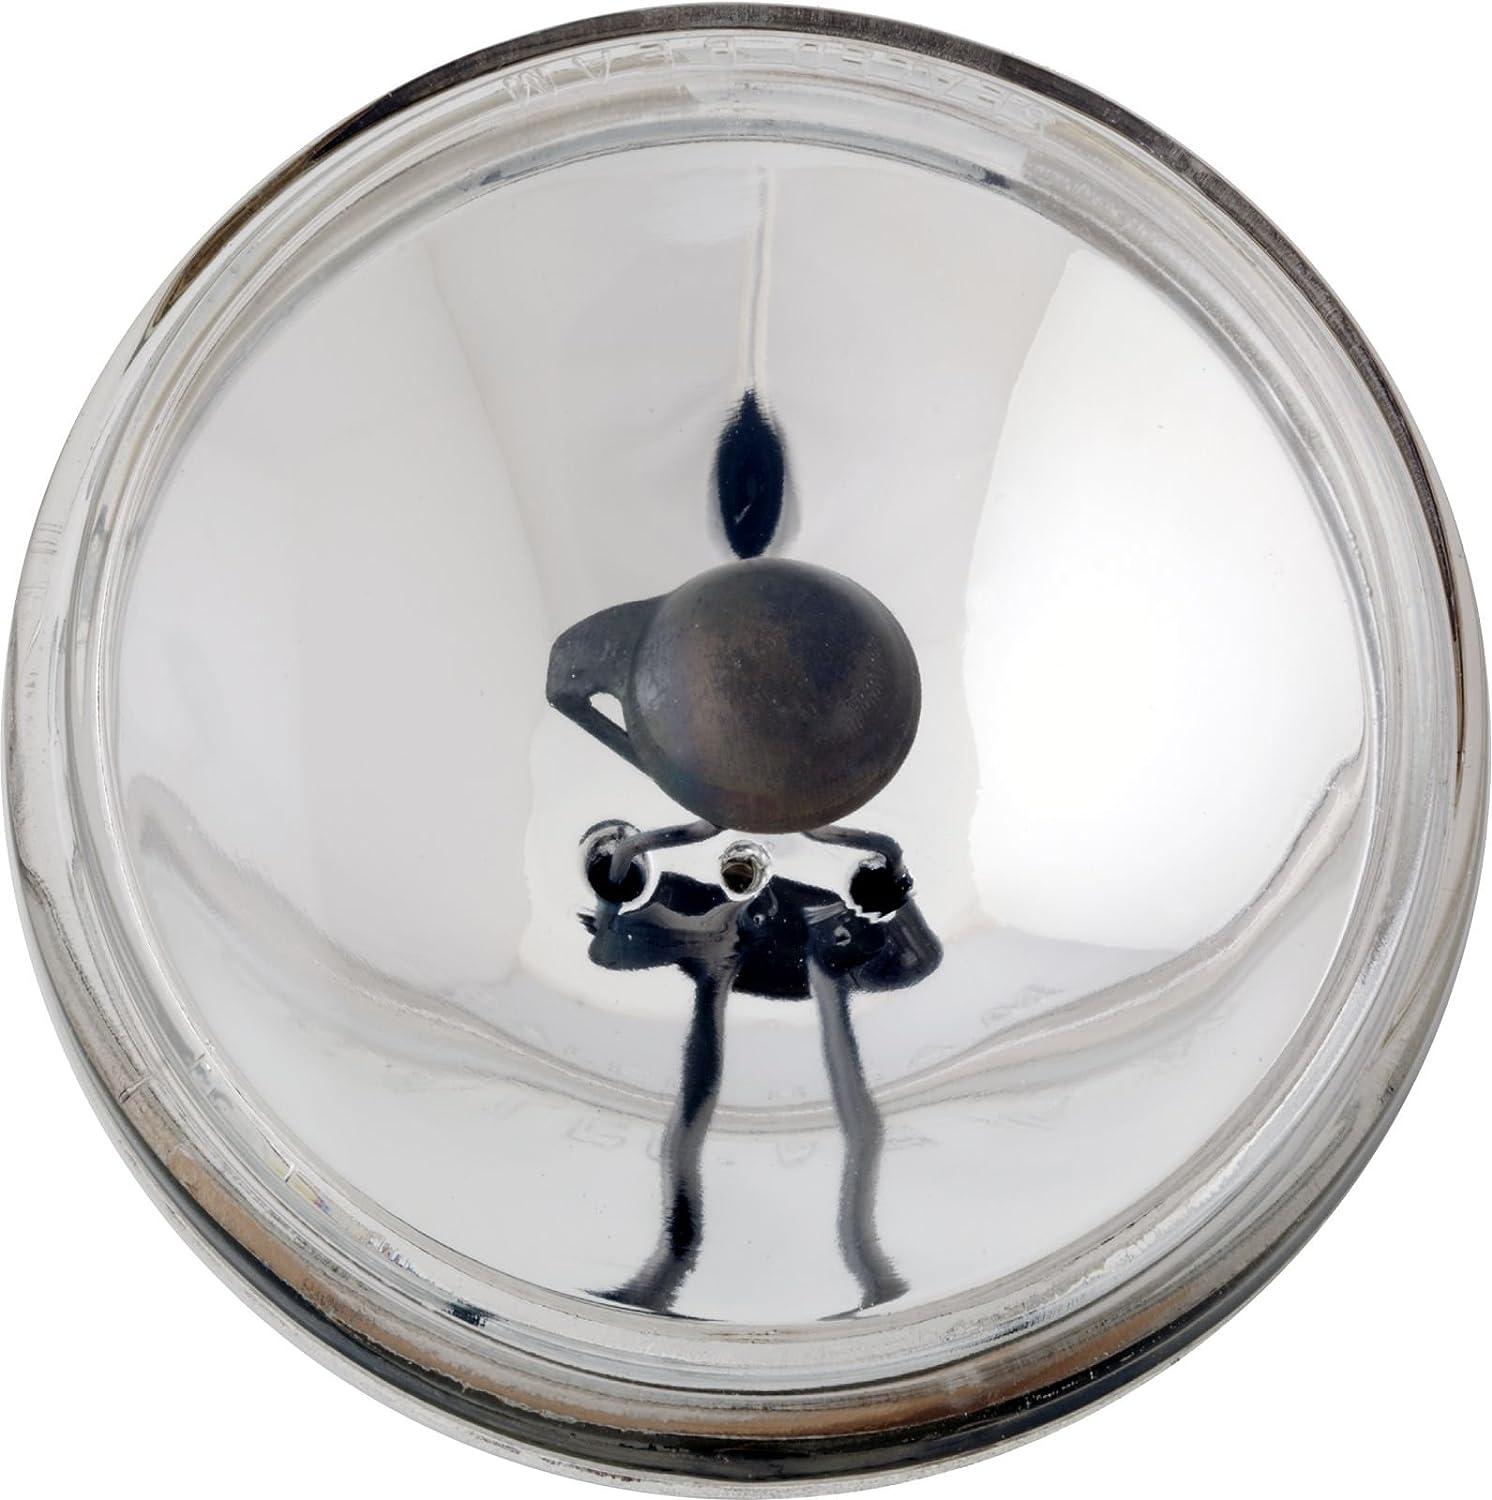 24673 4515 GE PAR36 30W 6.4V Incandescent Pin Spot Lamp